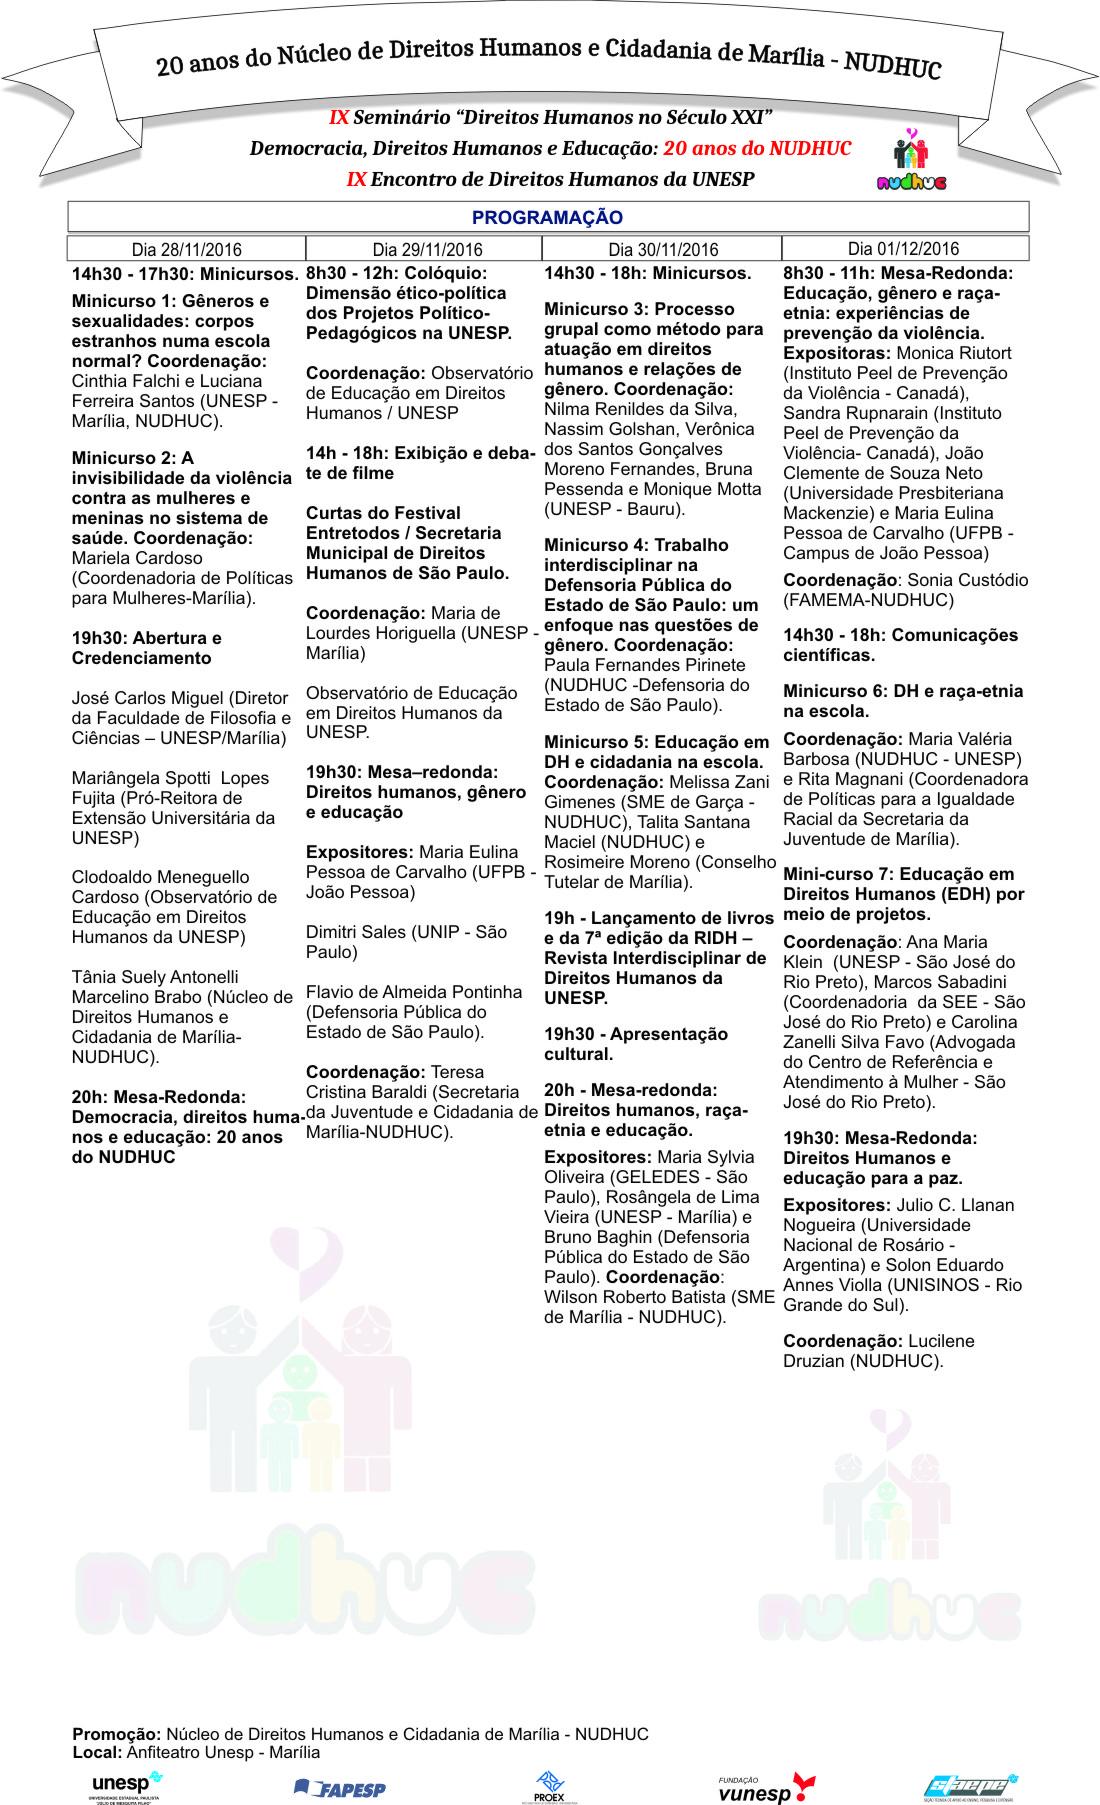 Ix semin rio direitos humanos no s culo xxi democracia direitos humanos e educa o 20 anos do nudhuc ix encontro de direitos humanos da unesp